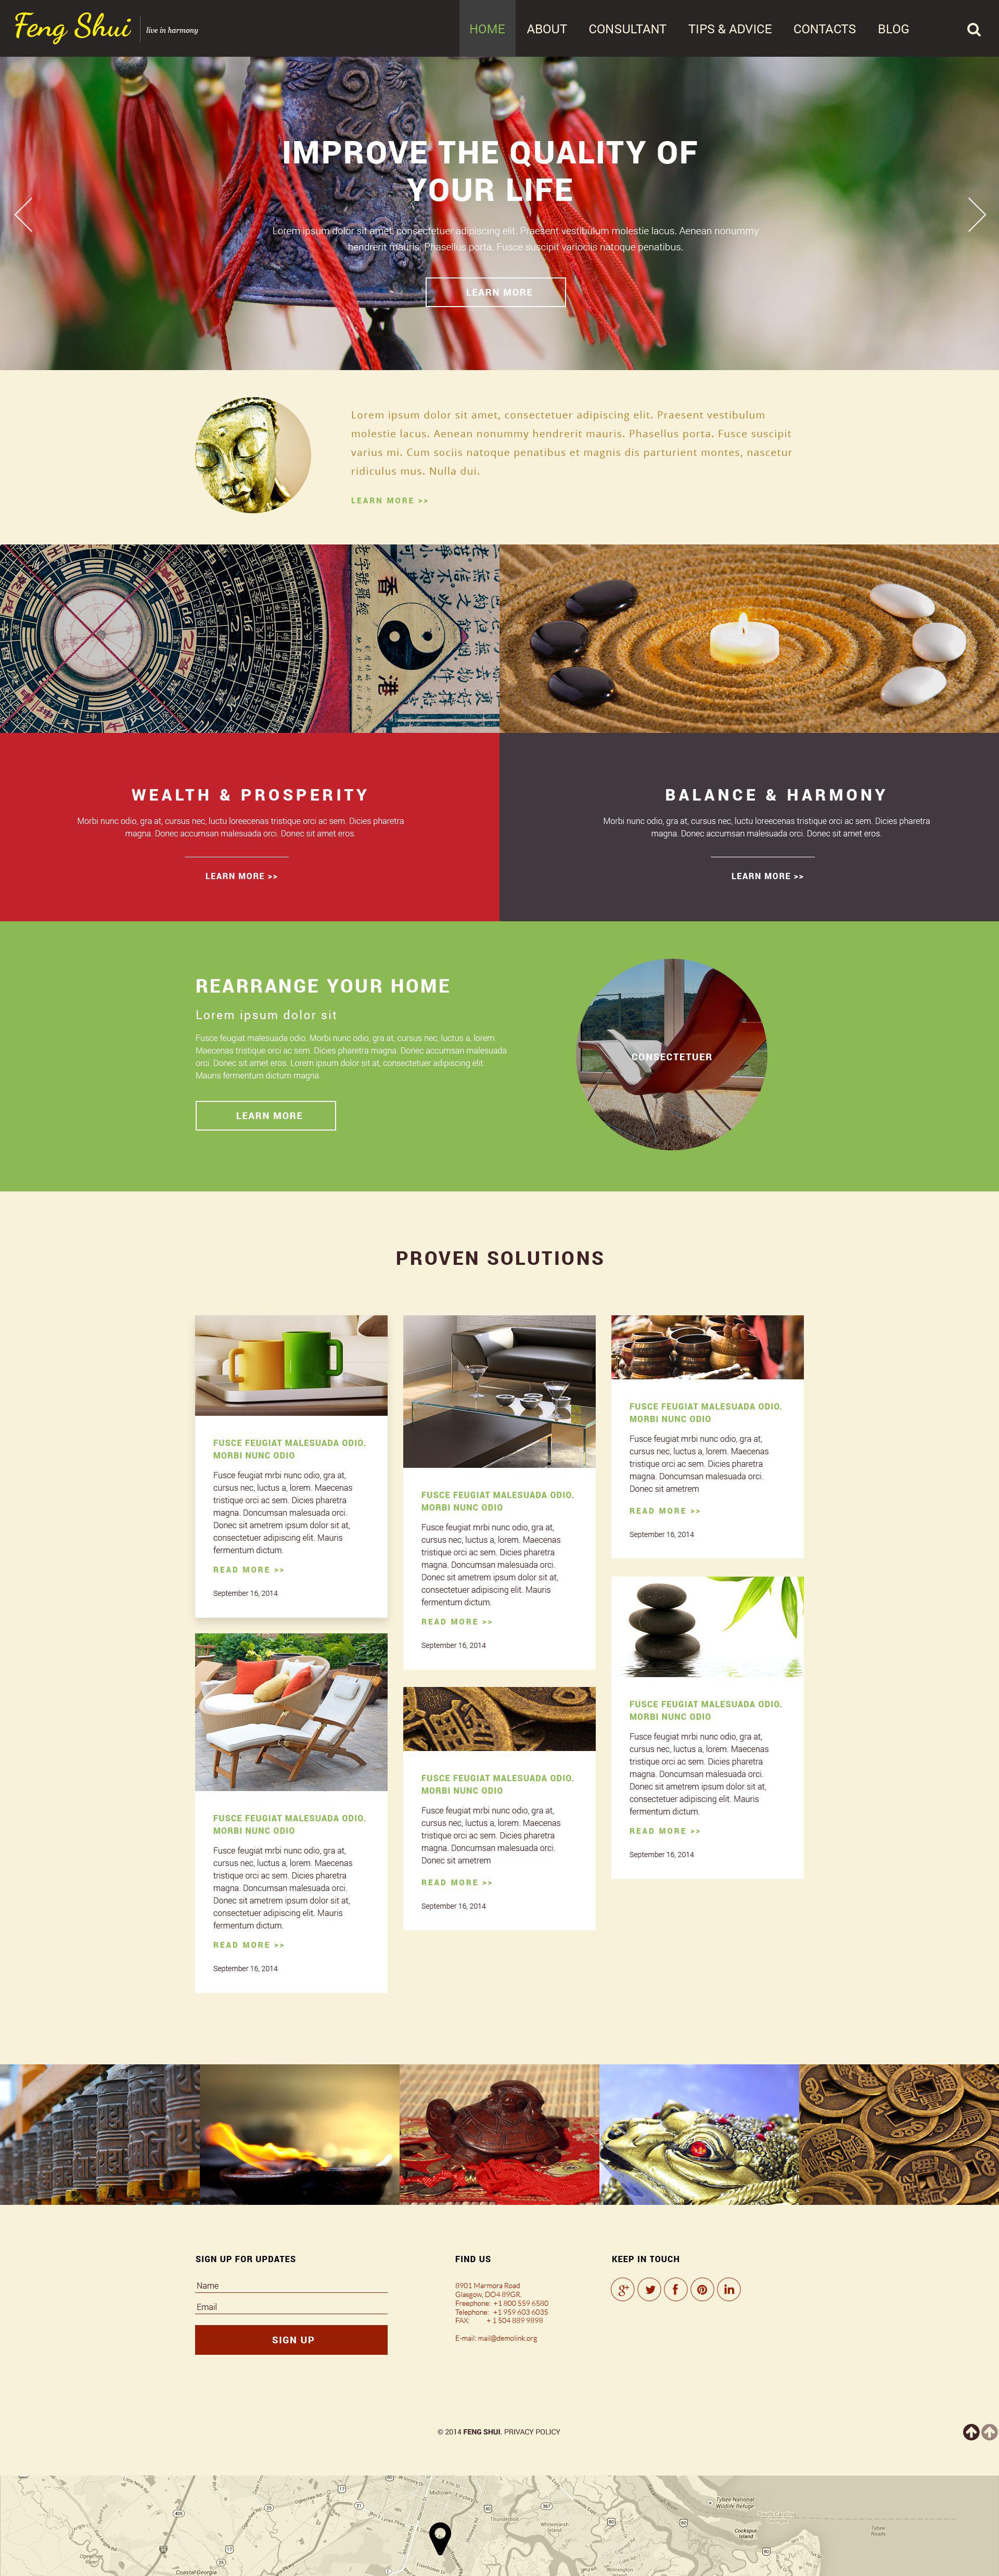 Адаптивний Шаблон сайту на тему фен-шуй №52633 - скріншот